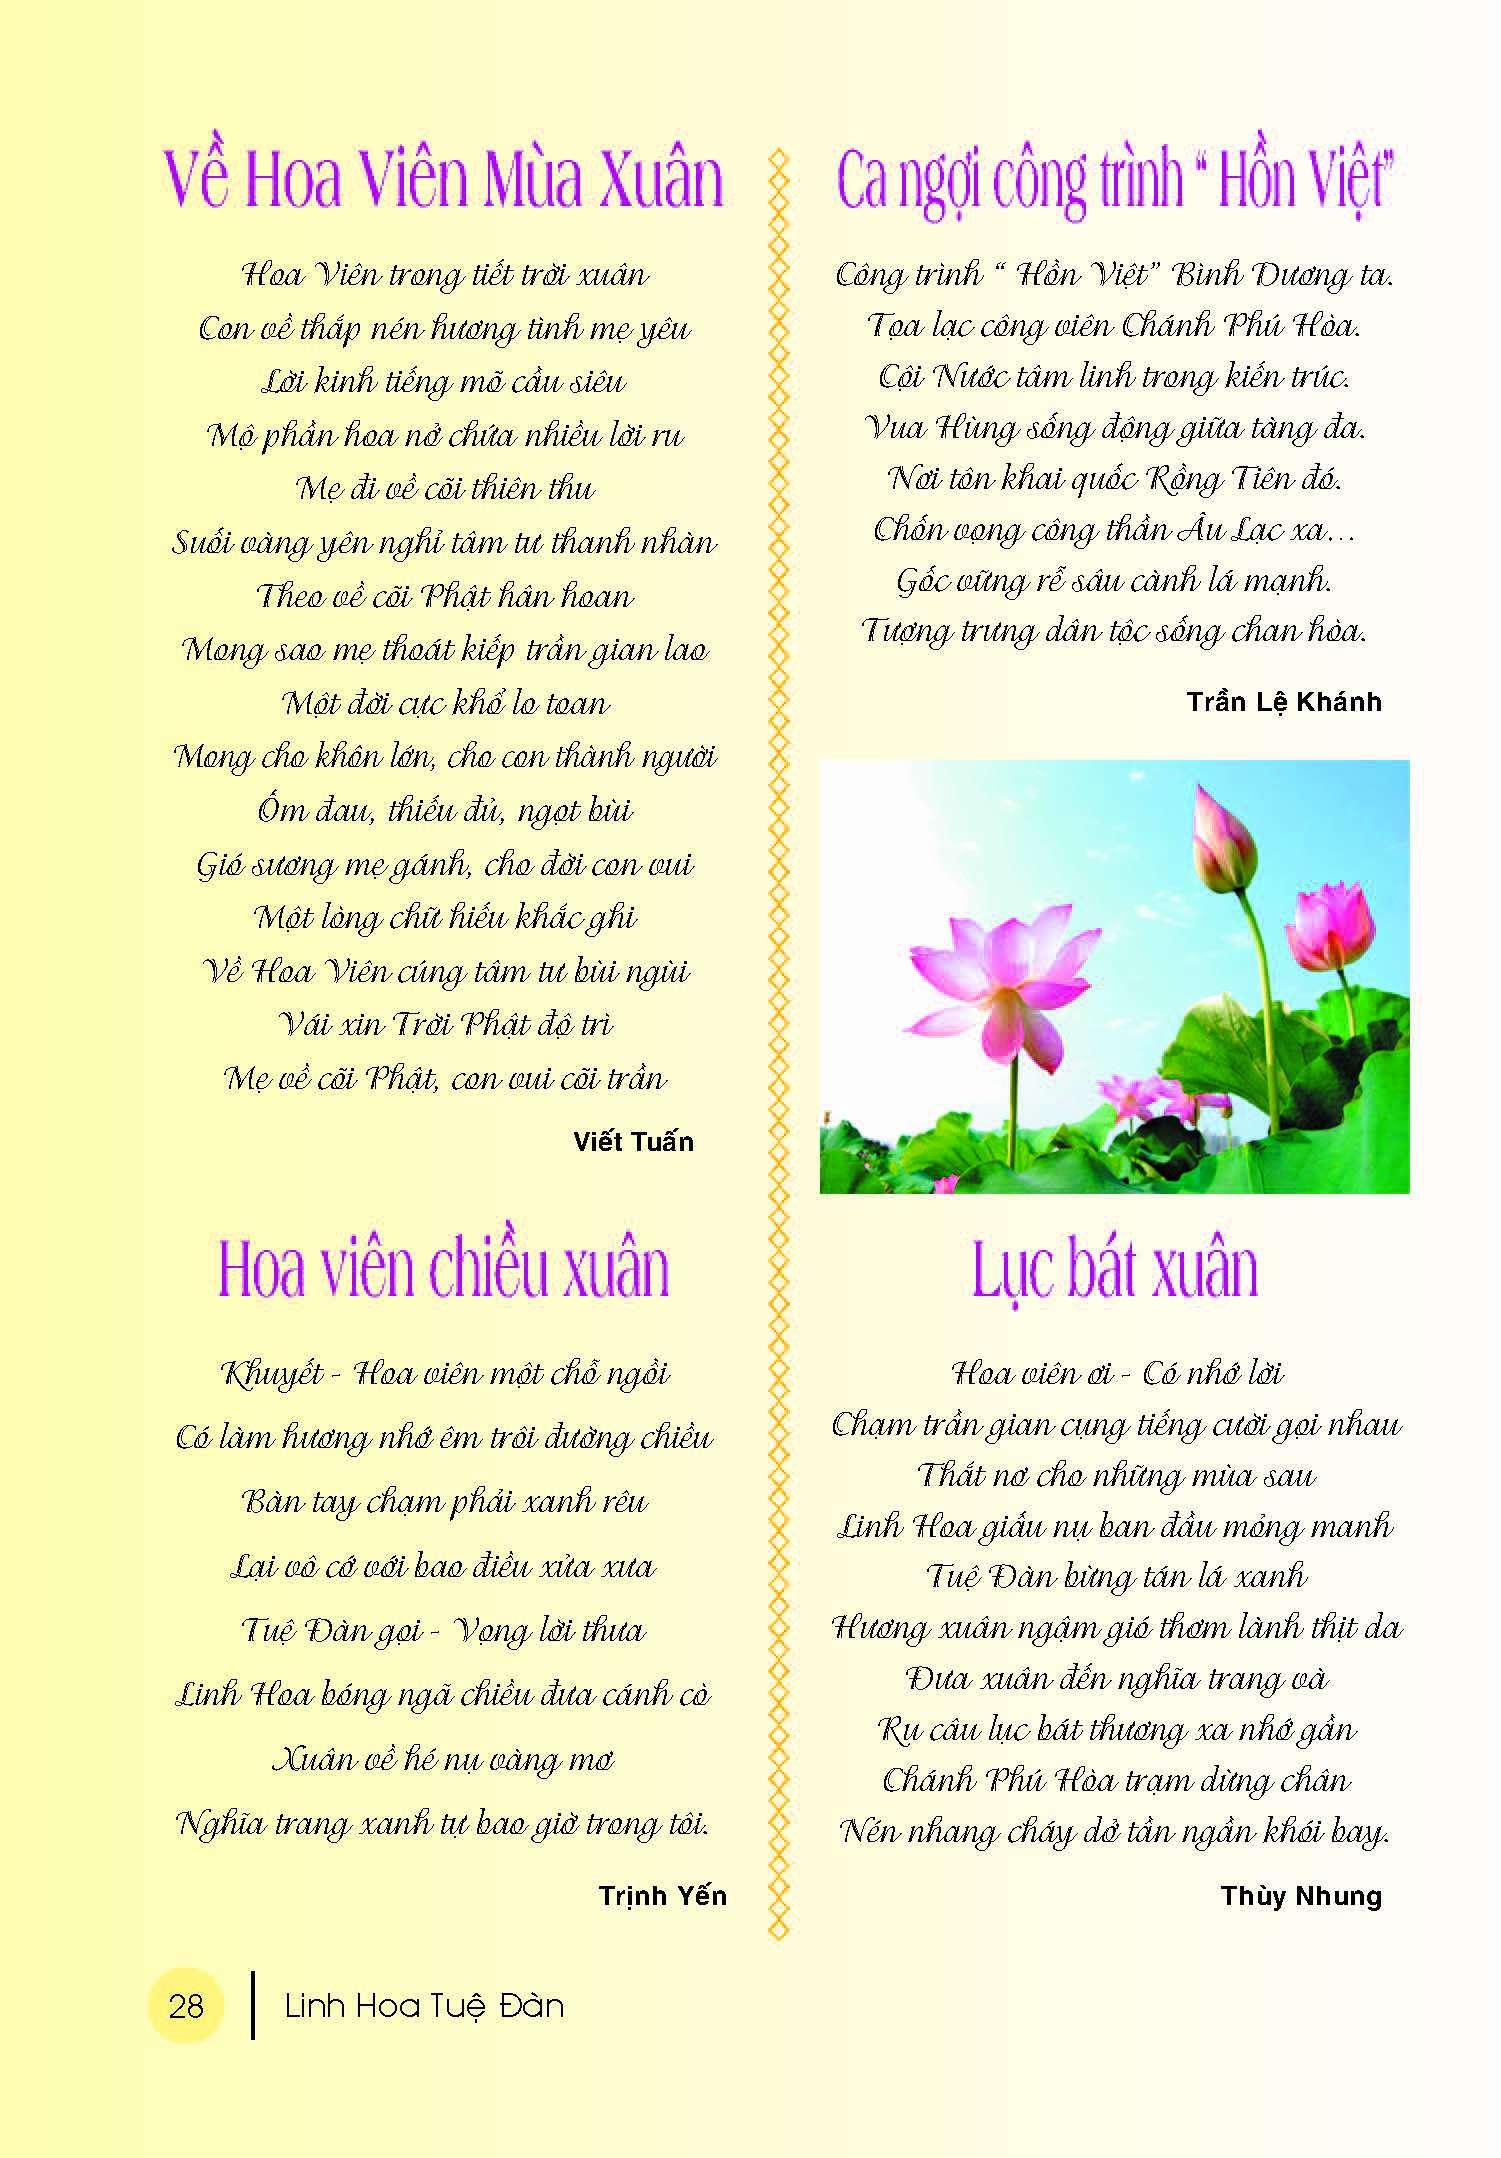 Linh hoa tuệ đan